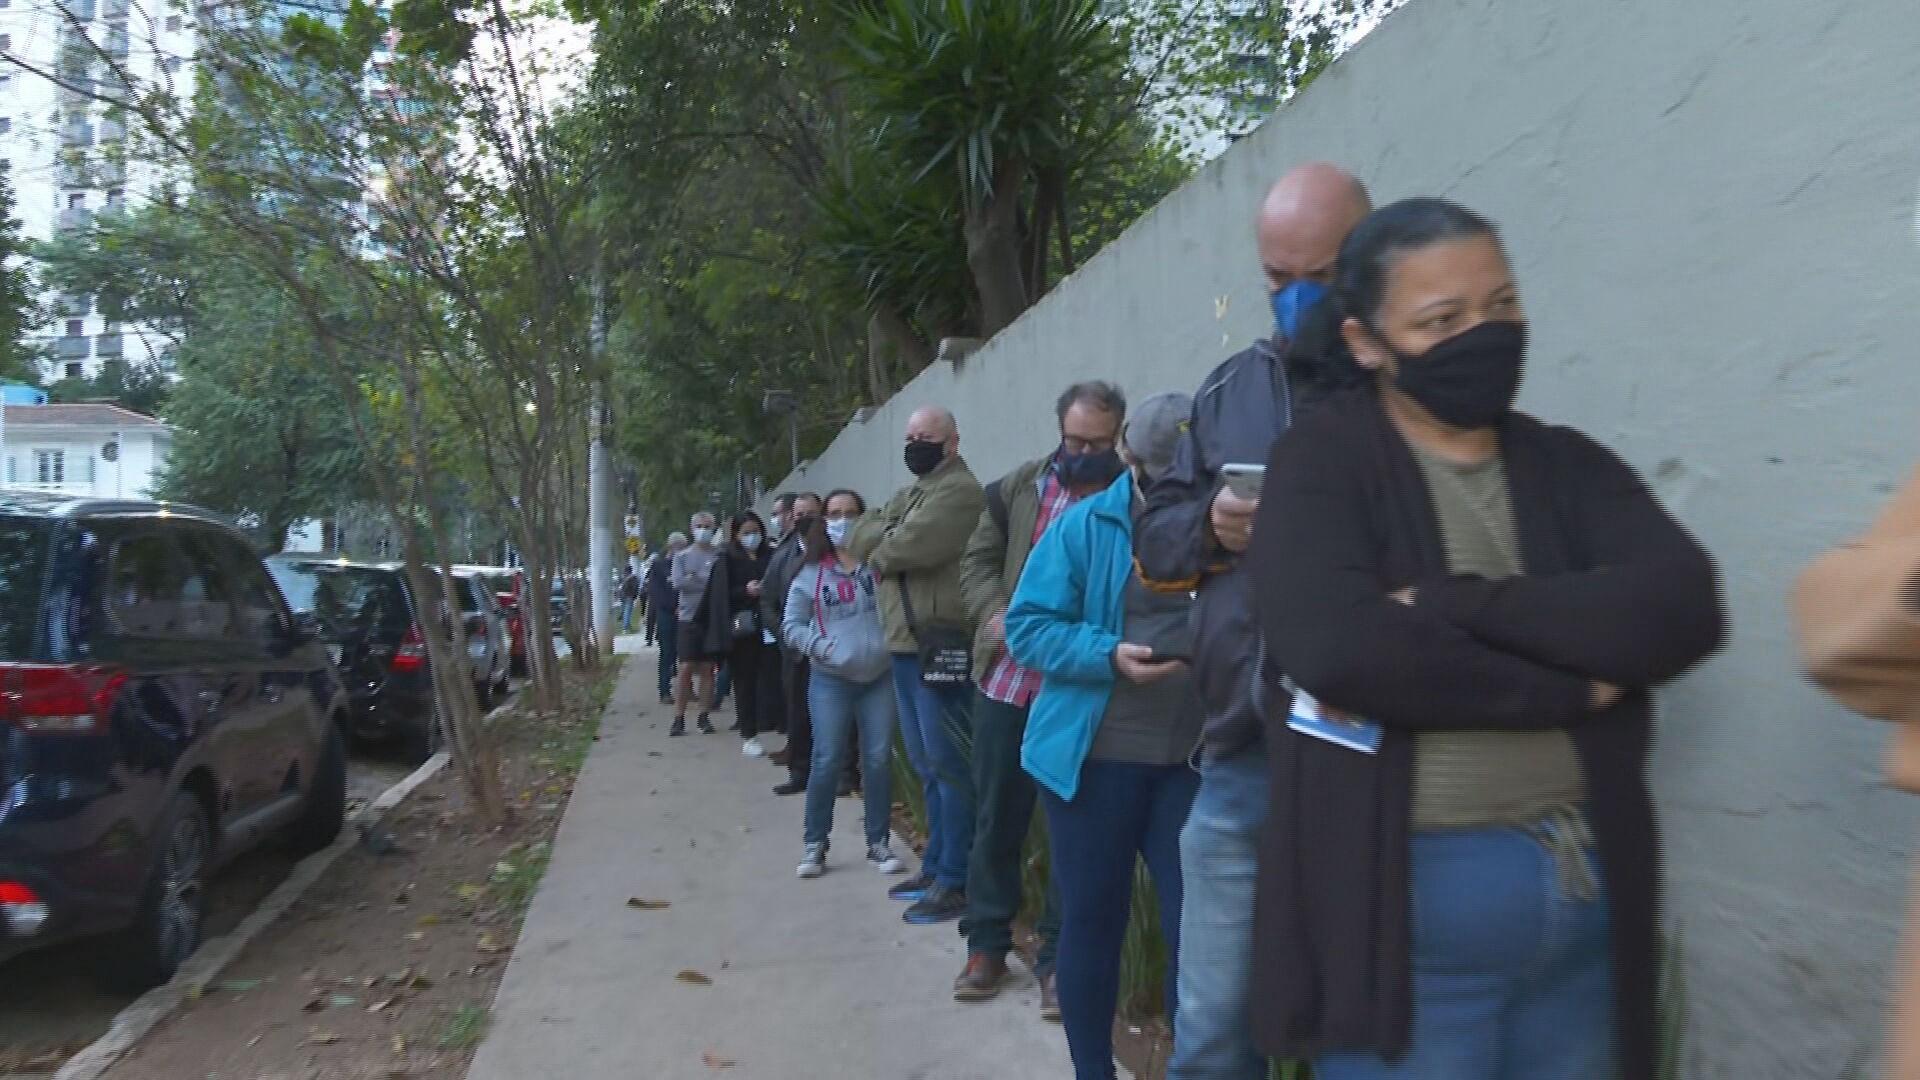 Prefeitura de SP diz que vai ampliar quantidade de postos de vacinação contra Covid após registro de filas